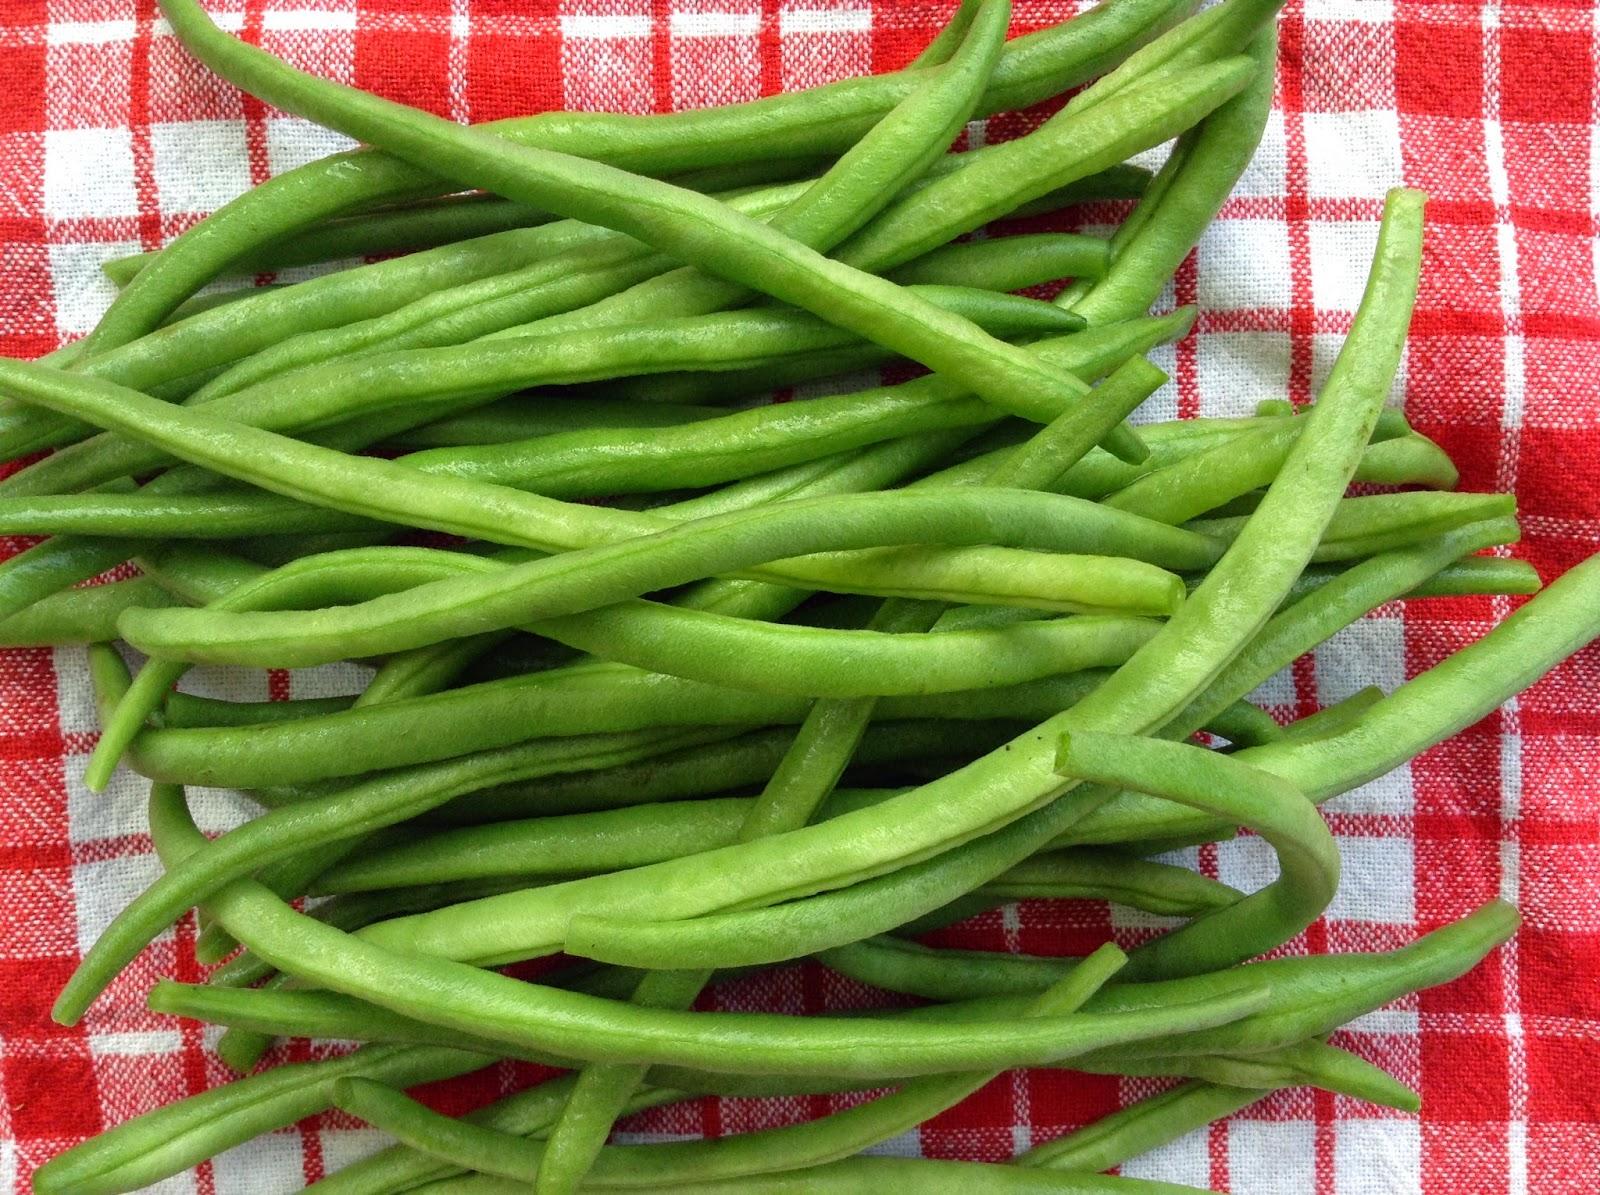 Comment cuisiner les haricots verts 28 images comment - Cuisiner haricots verts ...